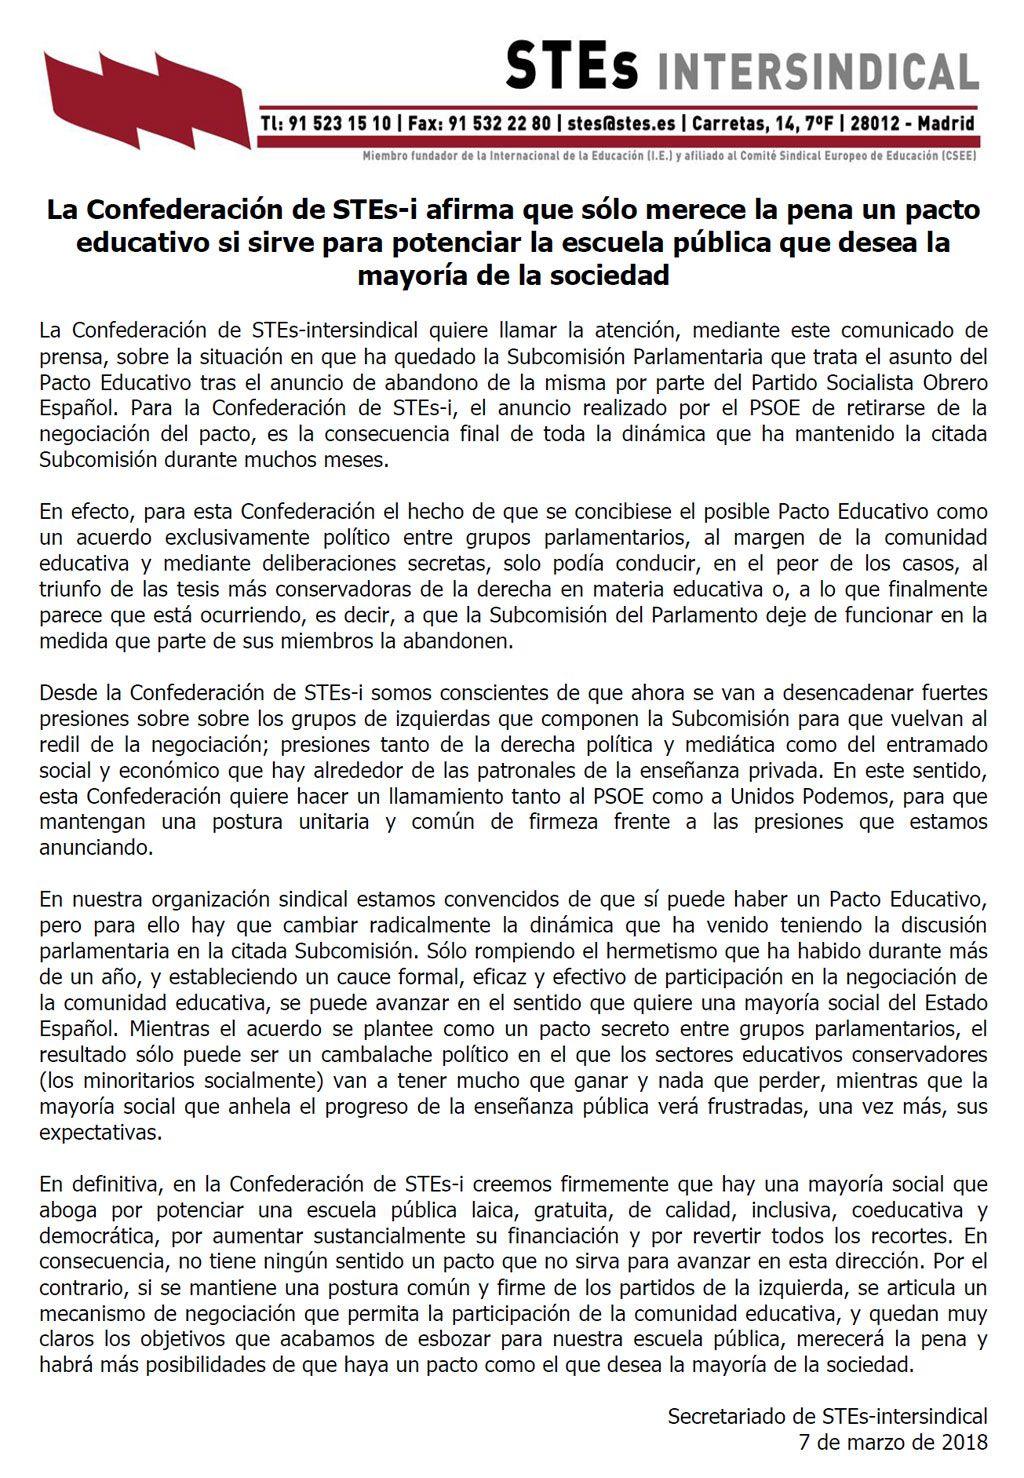 180307-Pacto-Educativo-potenciar-escuela-publica